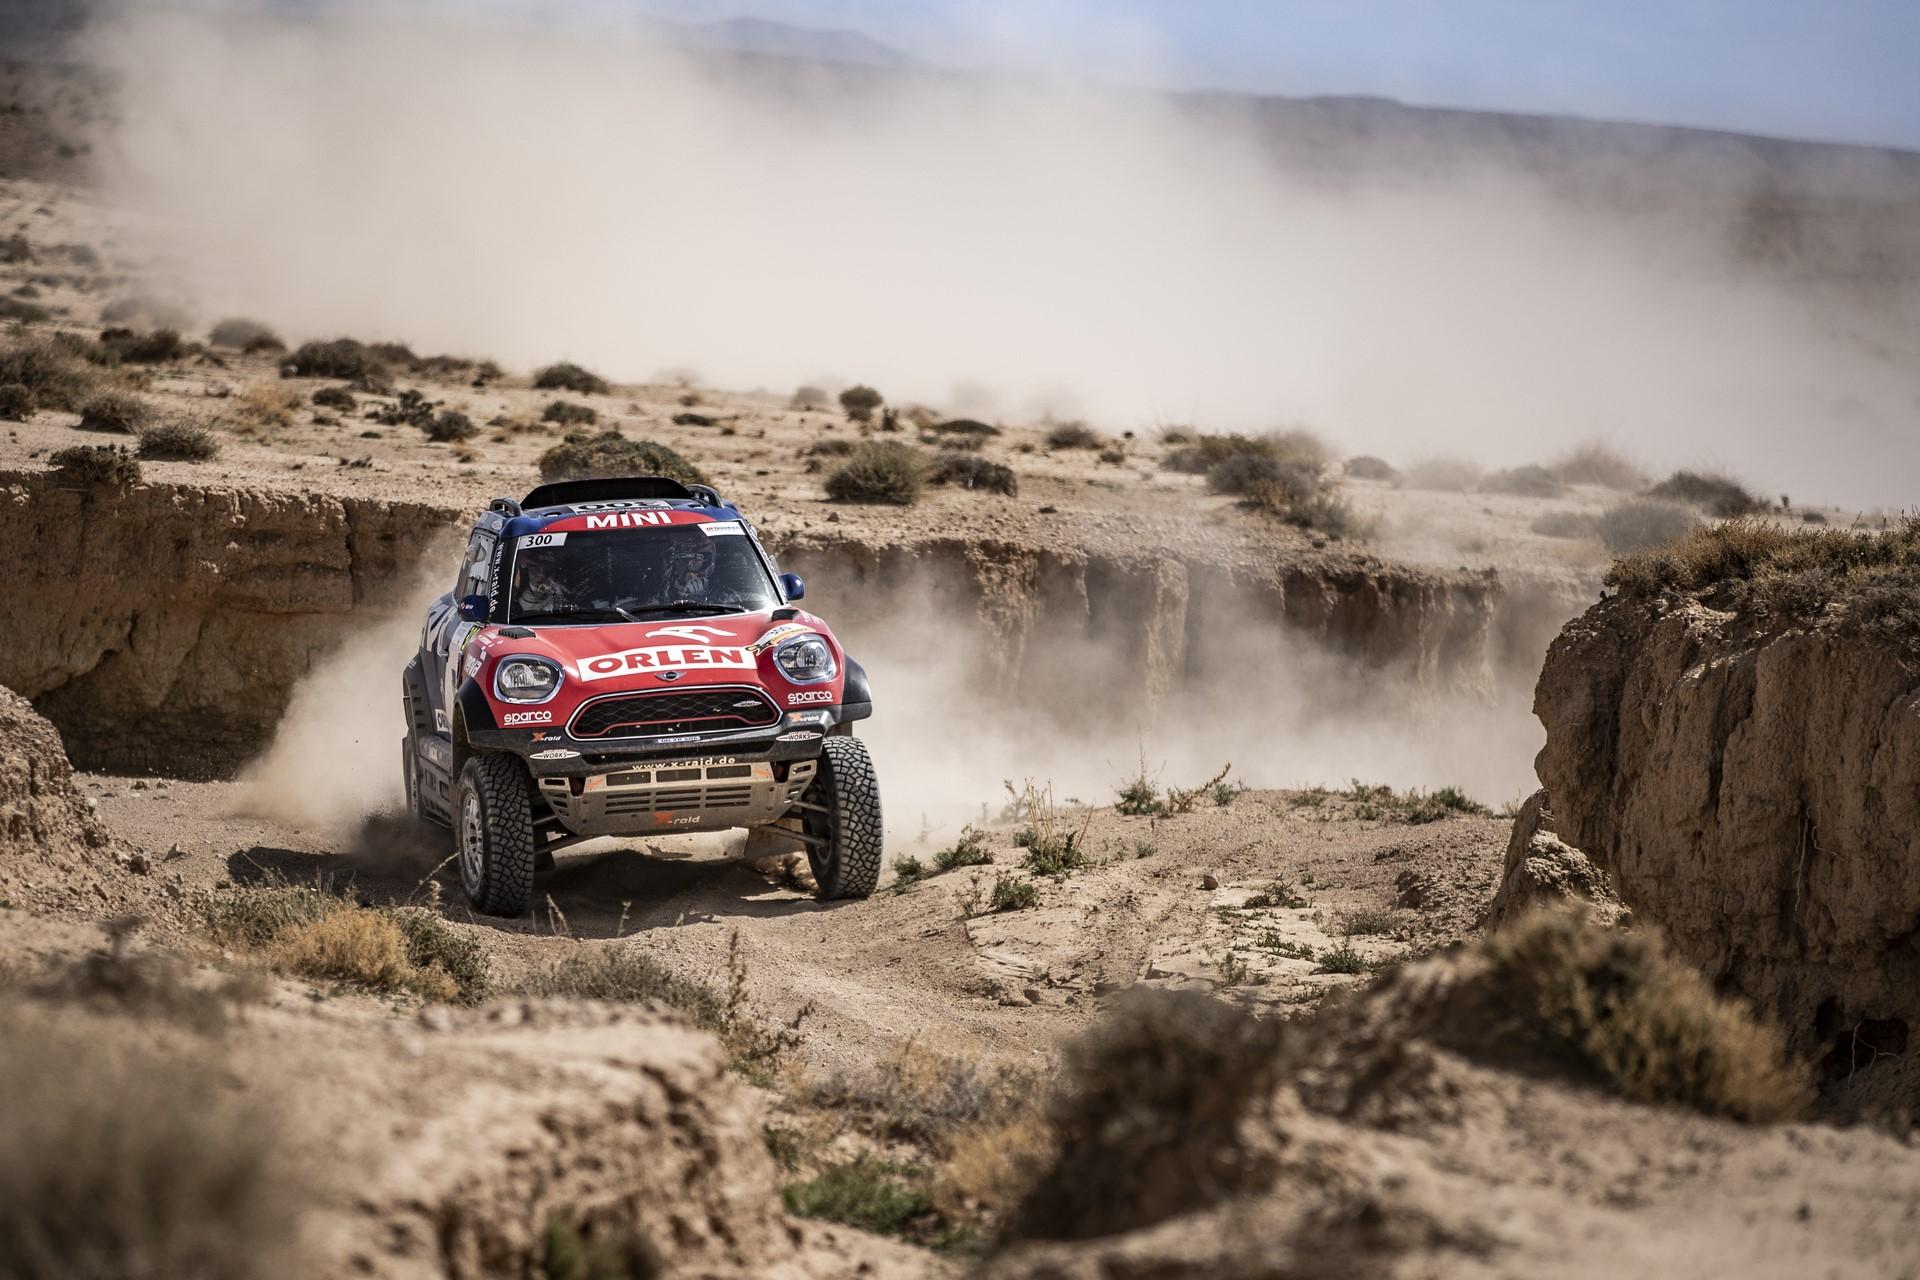 Jakub Przygonskiat the 1st stage of Rally Du Maroc in Fez, Morocco on October 05, 2018